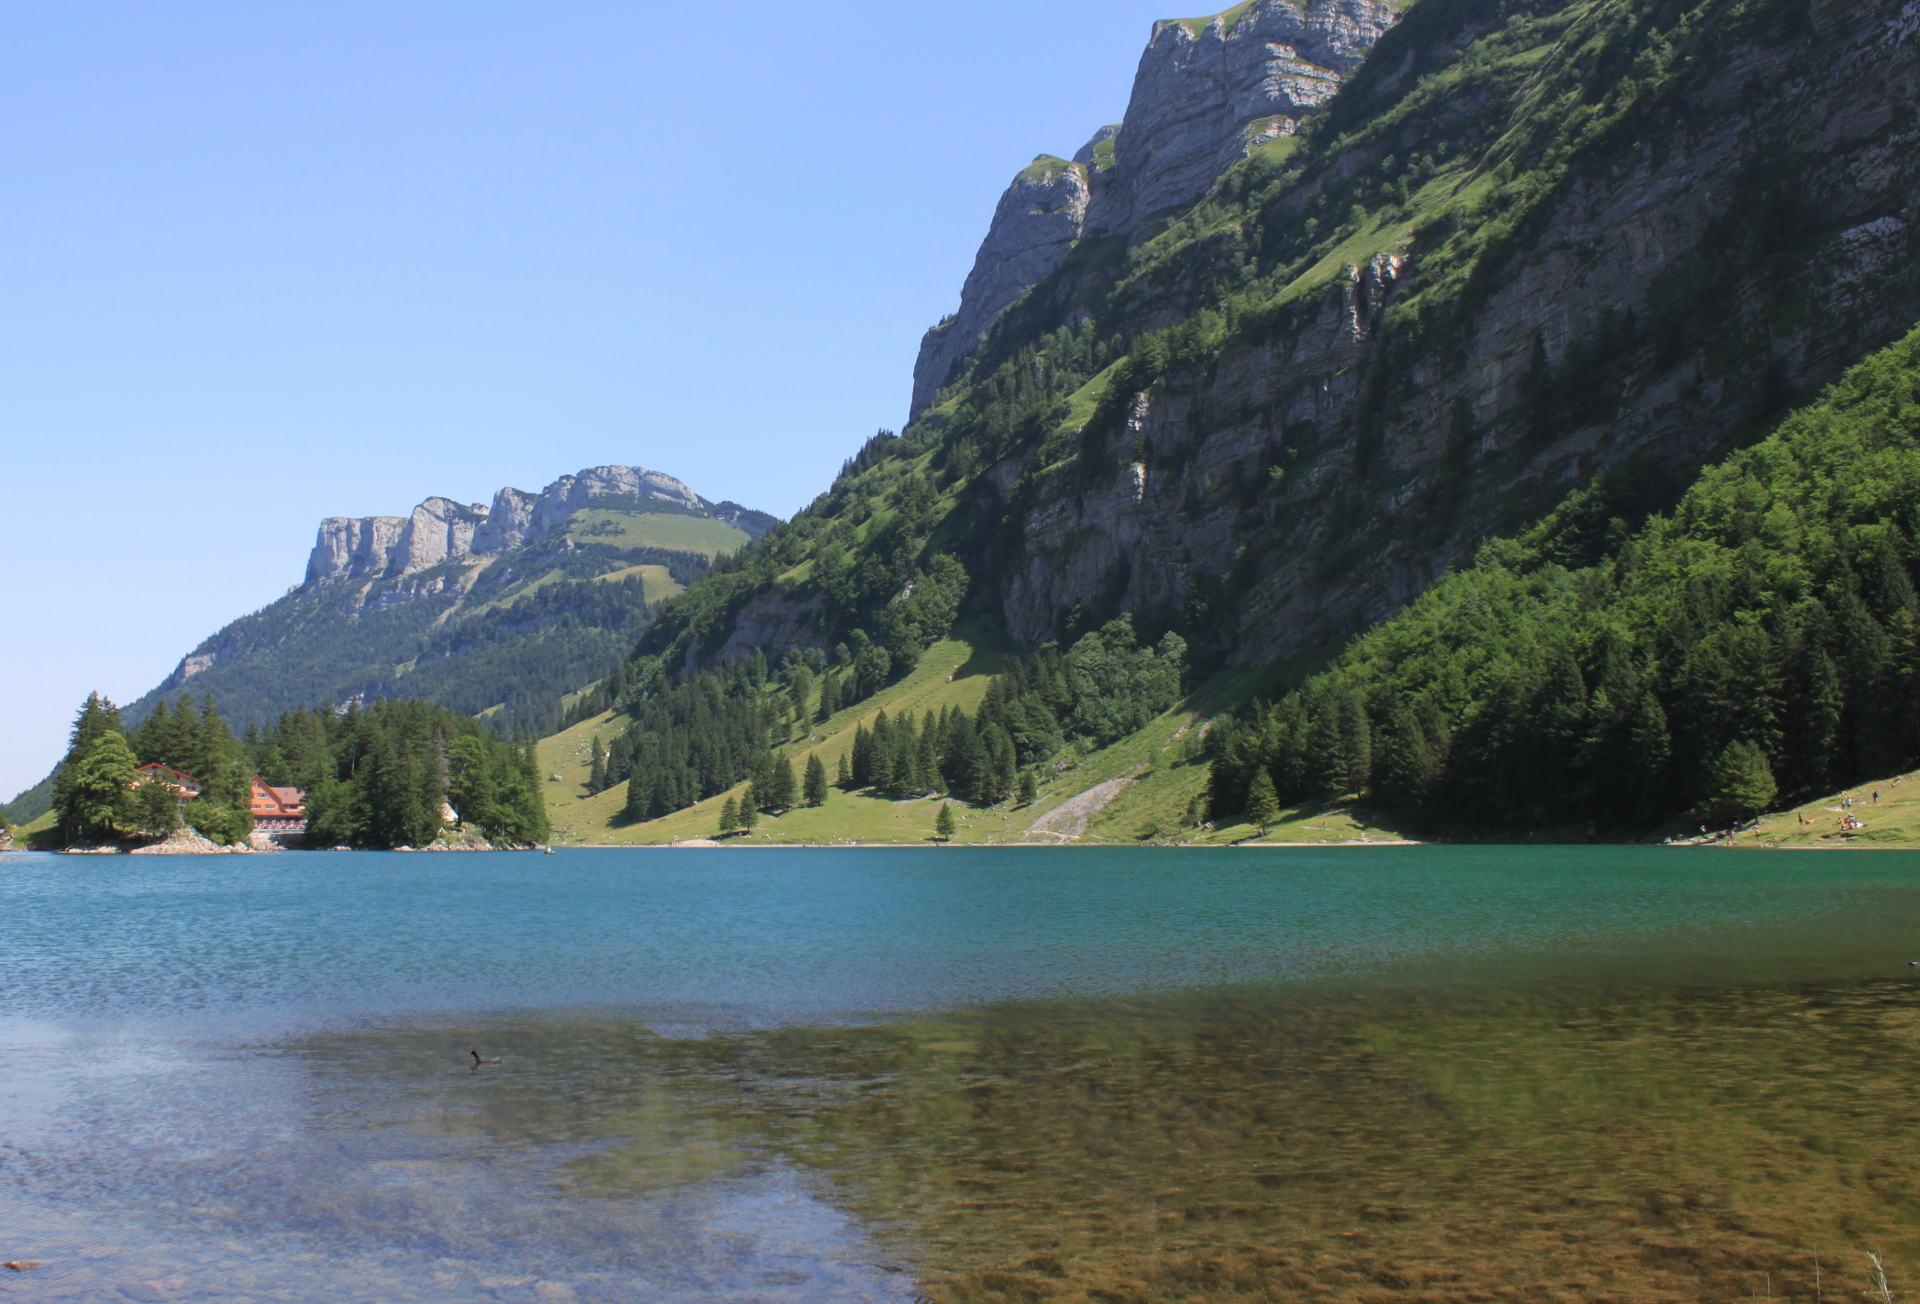 szwajcaria seealpsee jezioro iglawpodrozy